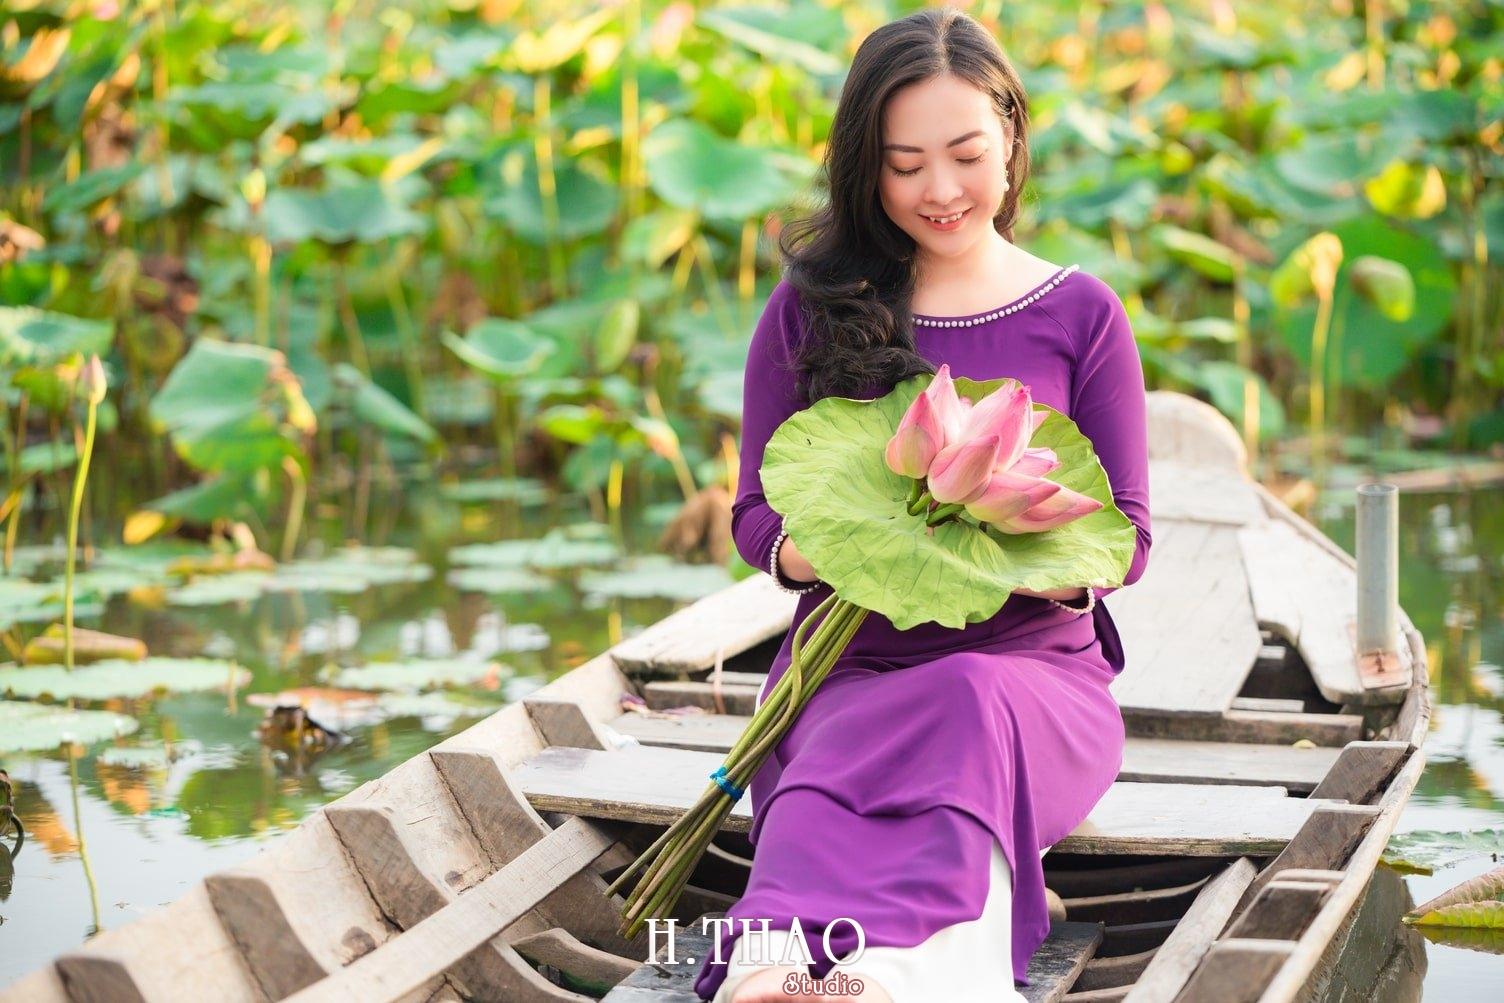 Anh Hoa sen tam da 17 - Bộ ảnh hoa sen với áo dài tím đẹp dễ thương - HThao Studio